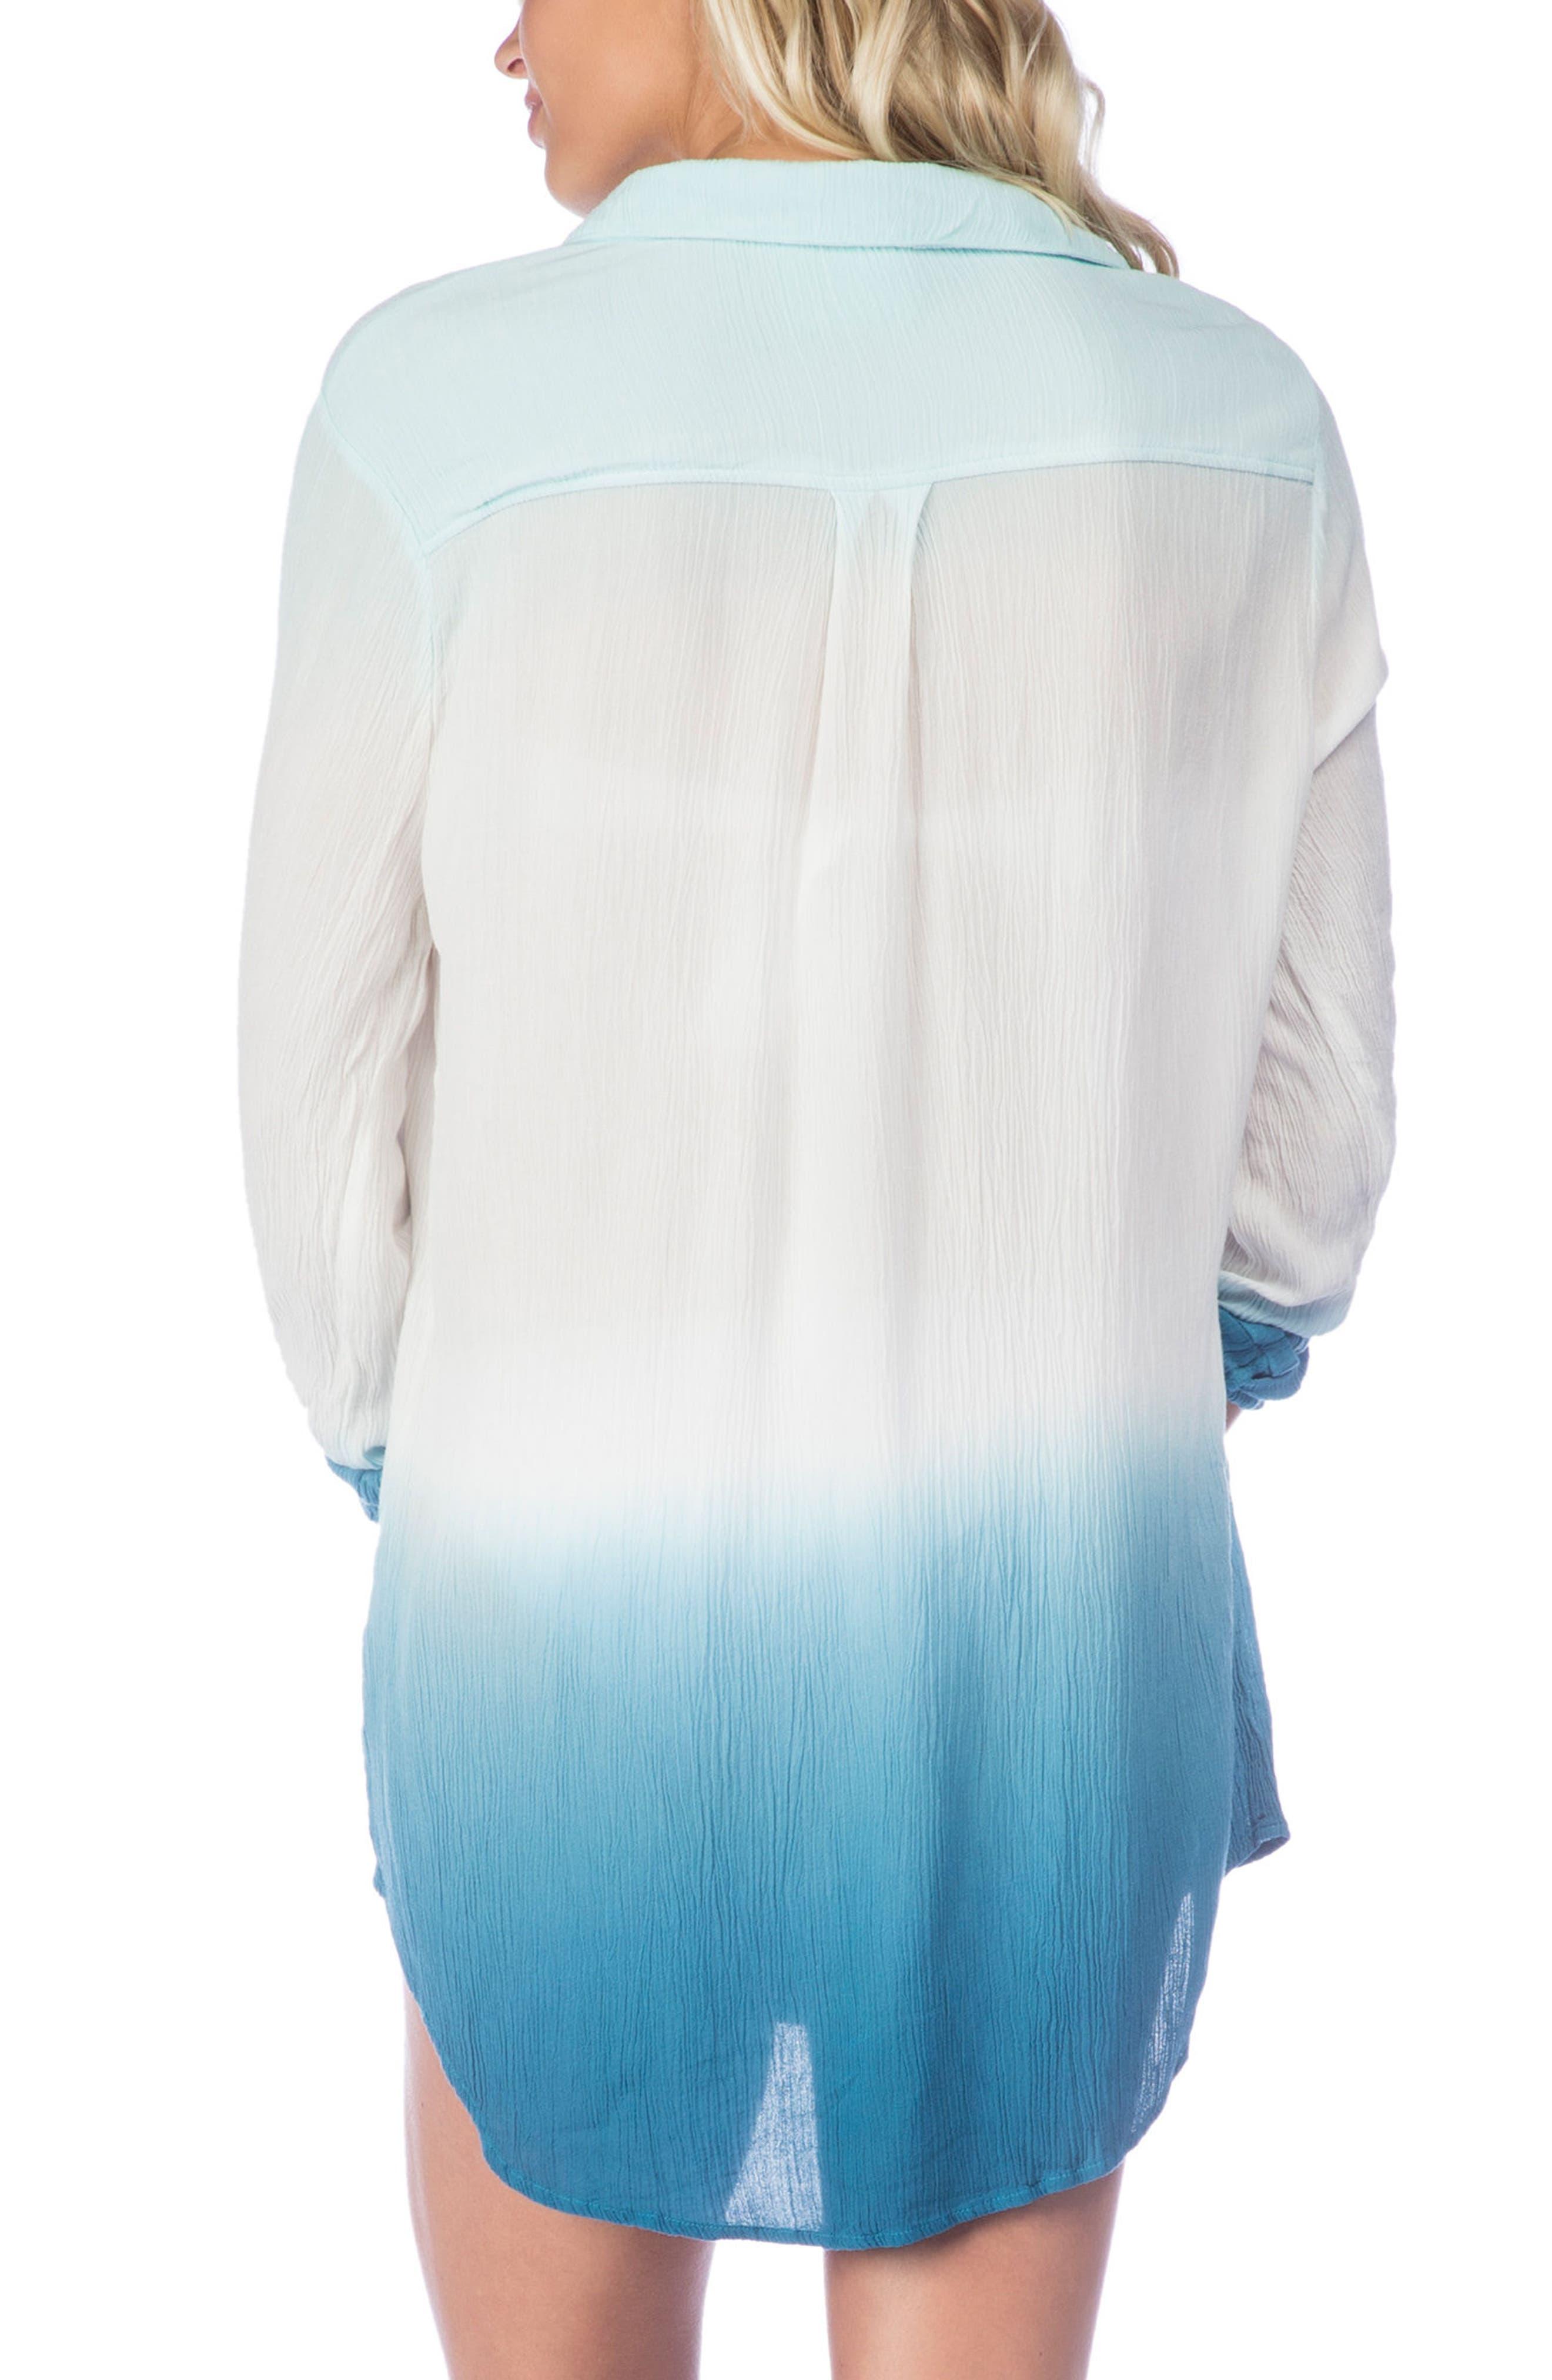 Big Sur Dip Dye Cover-Up Boyfriend Shirt,                             Alternate thumbnail 2, color,                             Blue